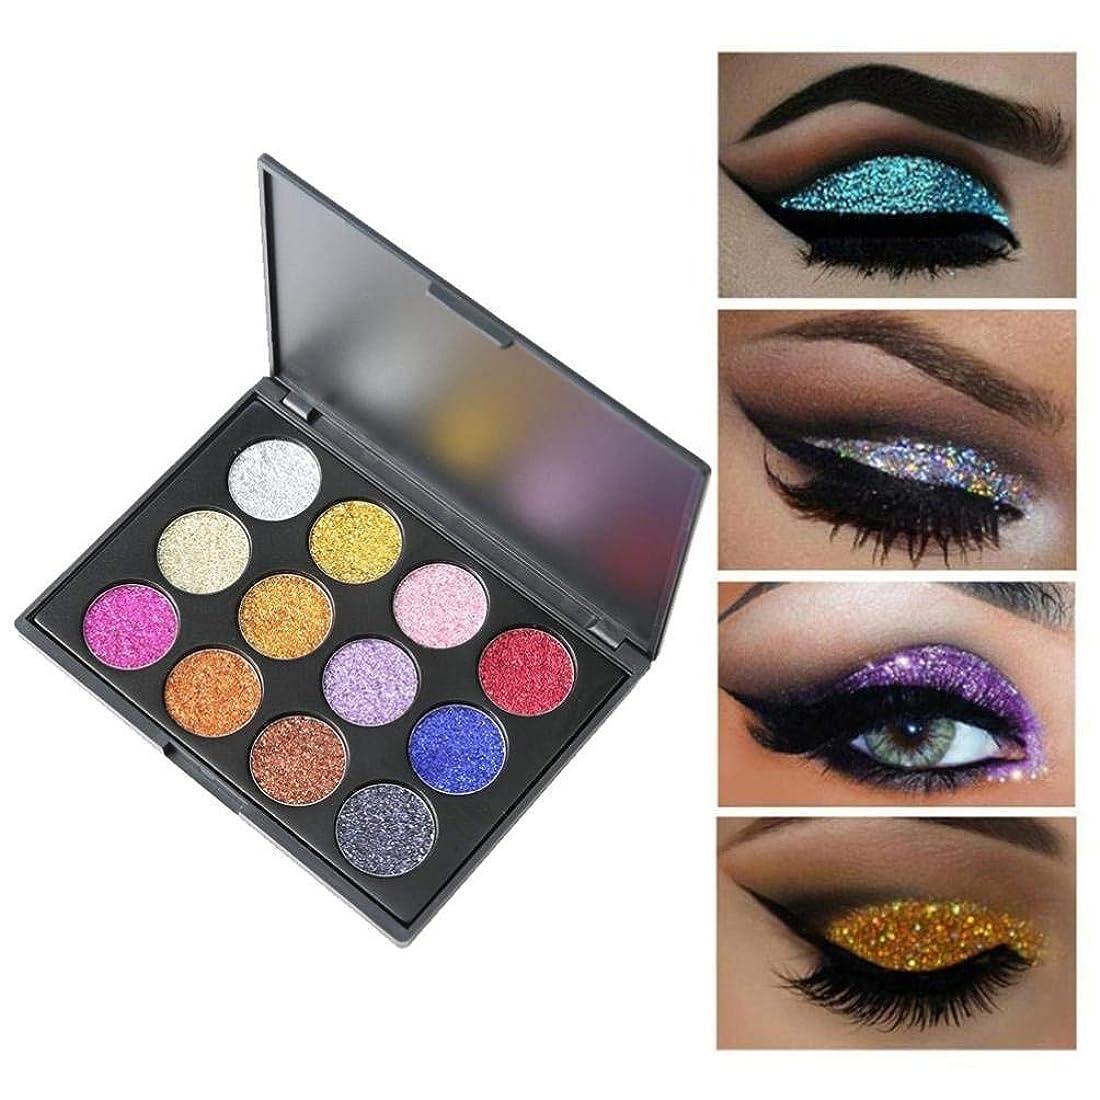 メディック魅力手数料Eyeshadow、sacow 12色Shimmer Glitter Eye ShadowパウダーアイシャドーパレットCosmeticメイクアップ